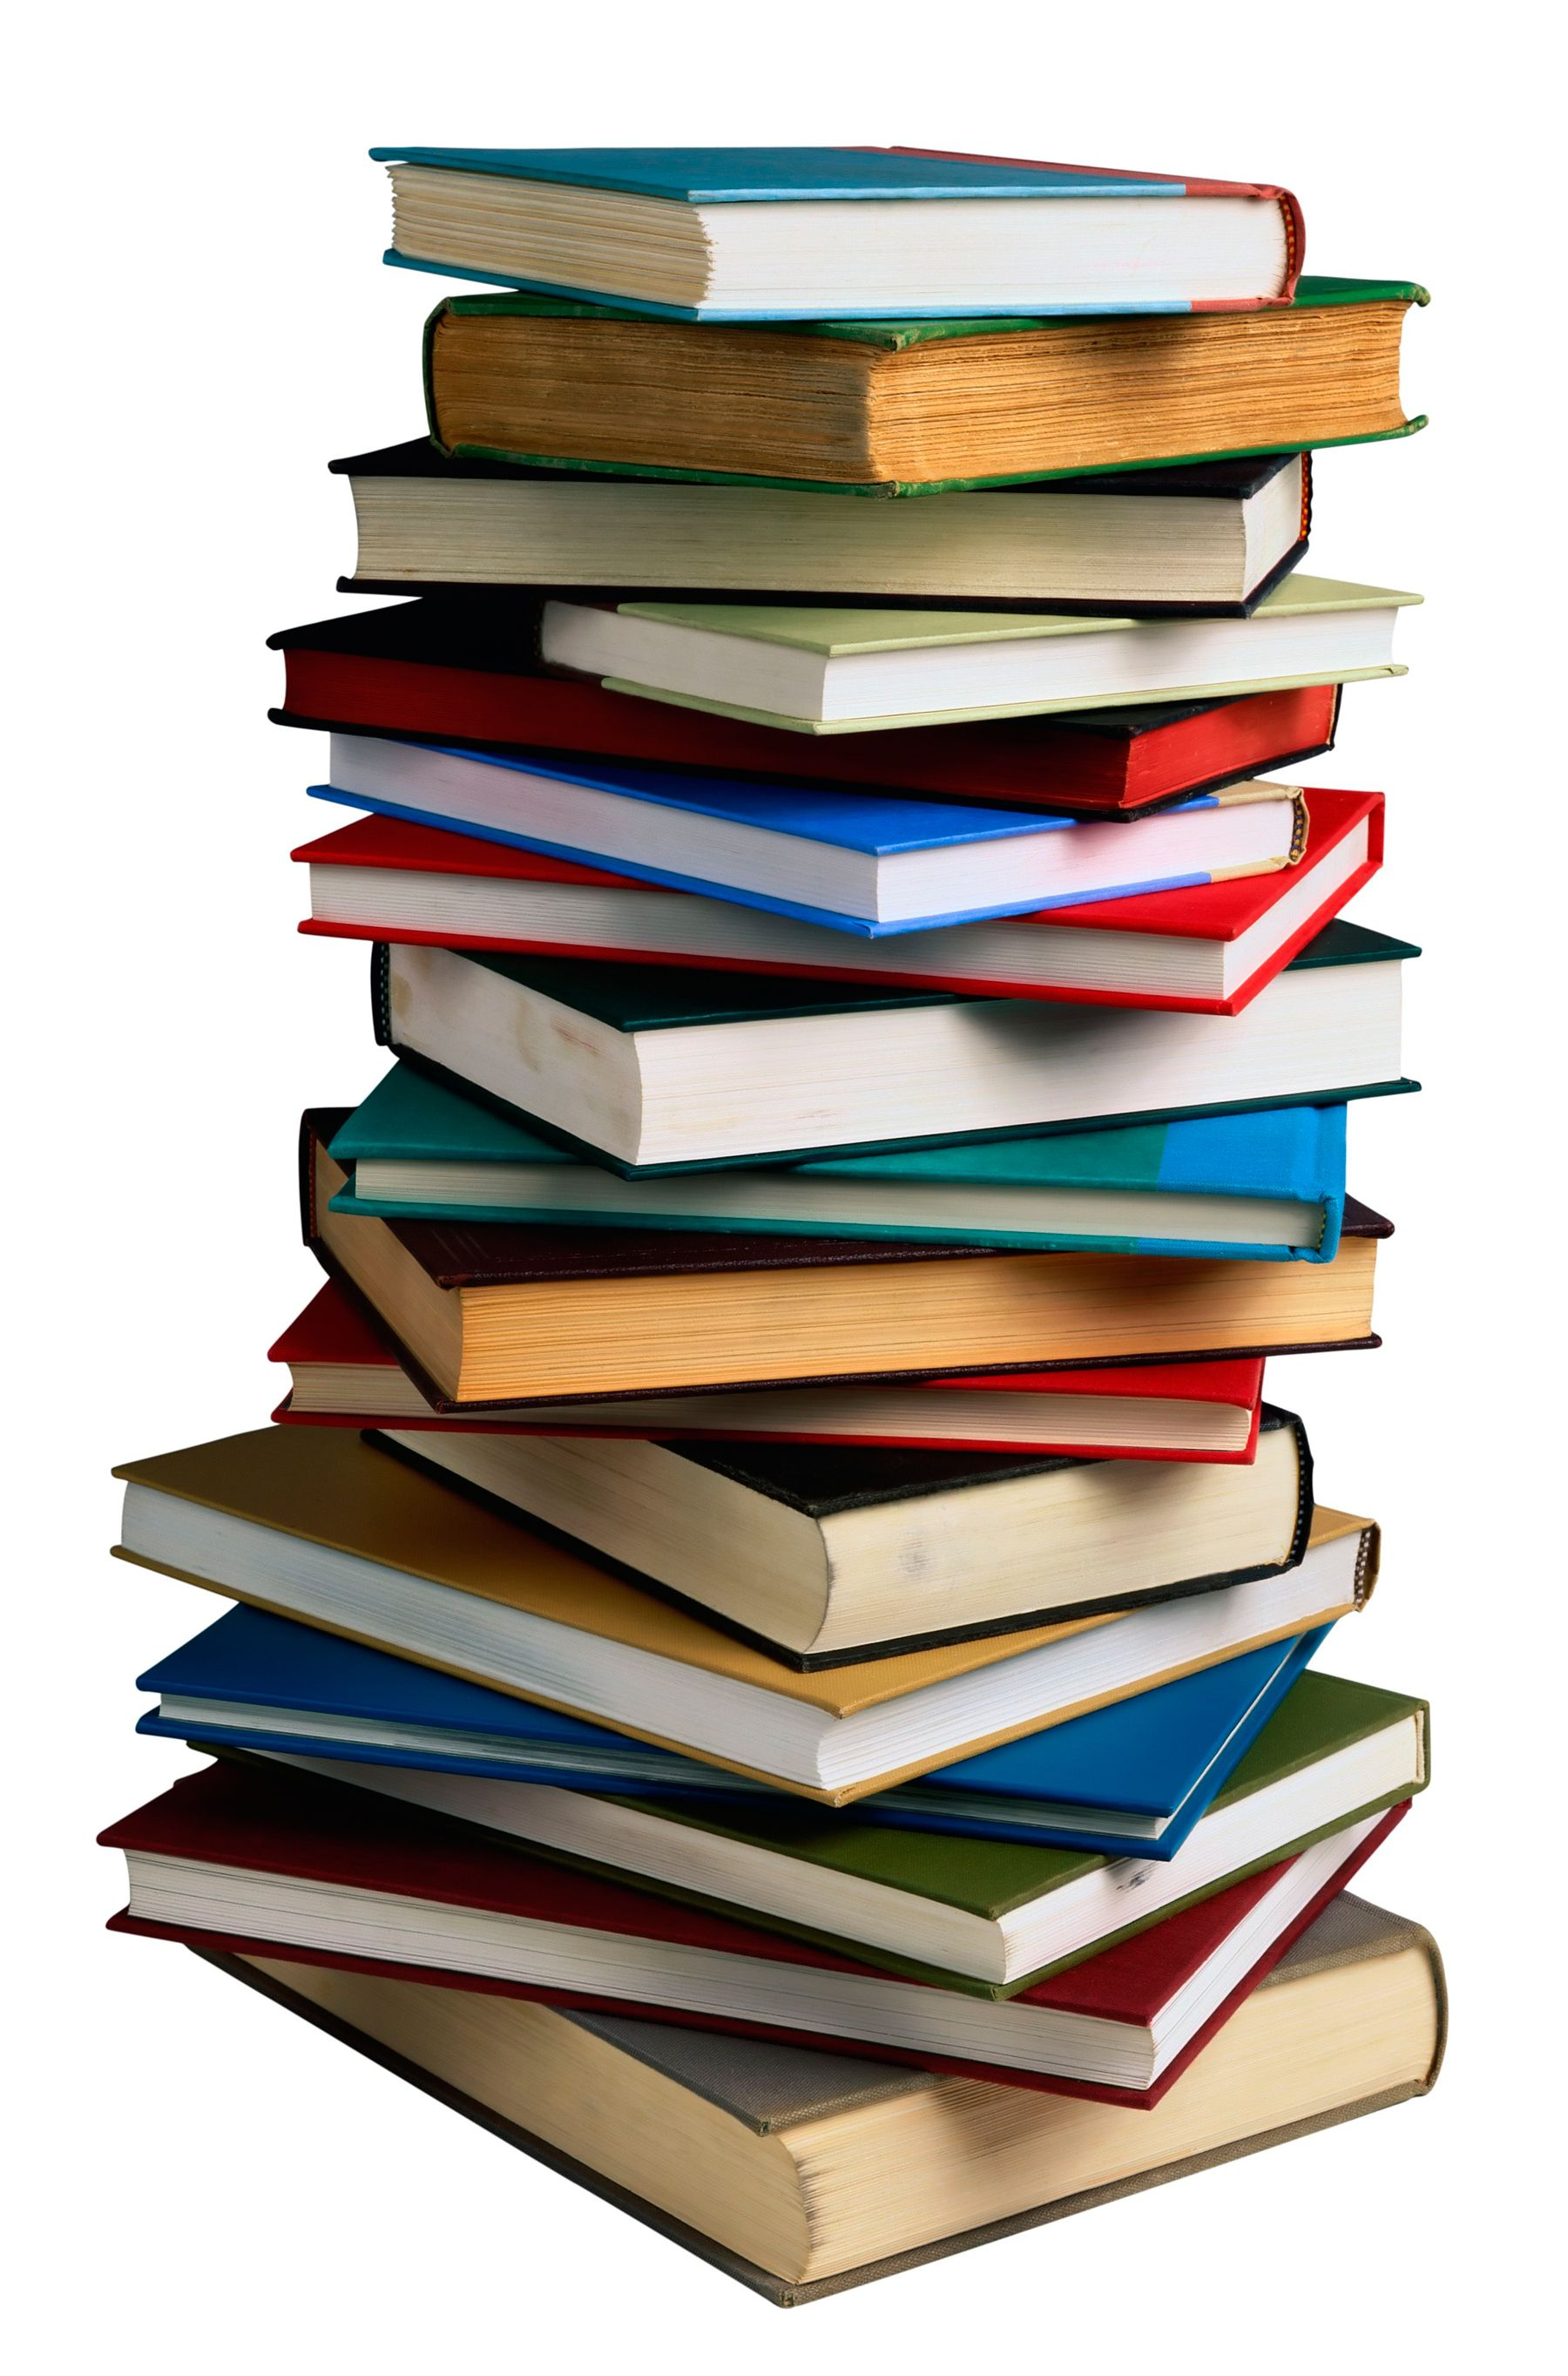 Popis udžbenika